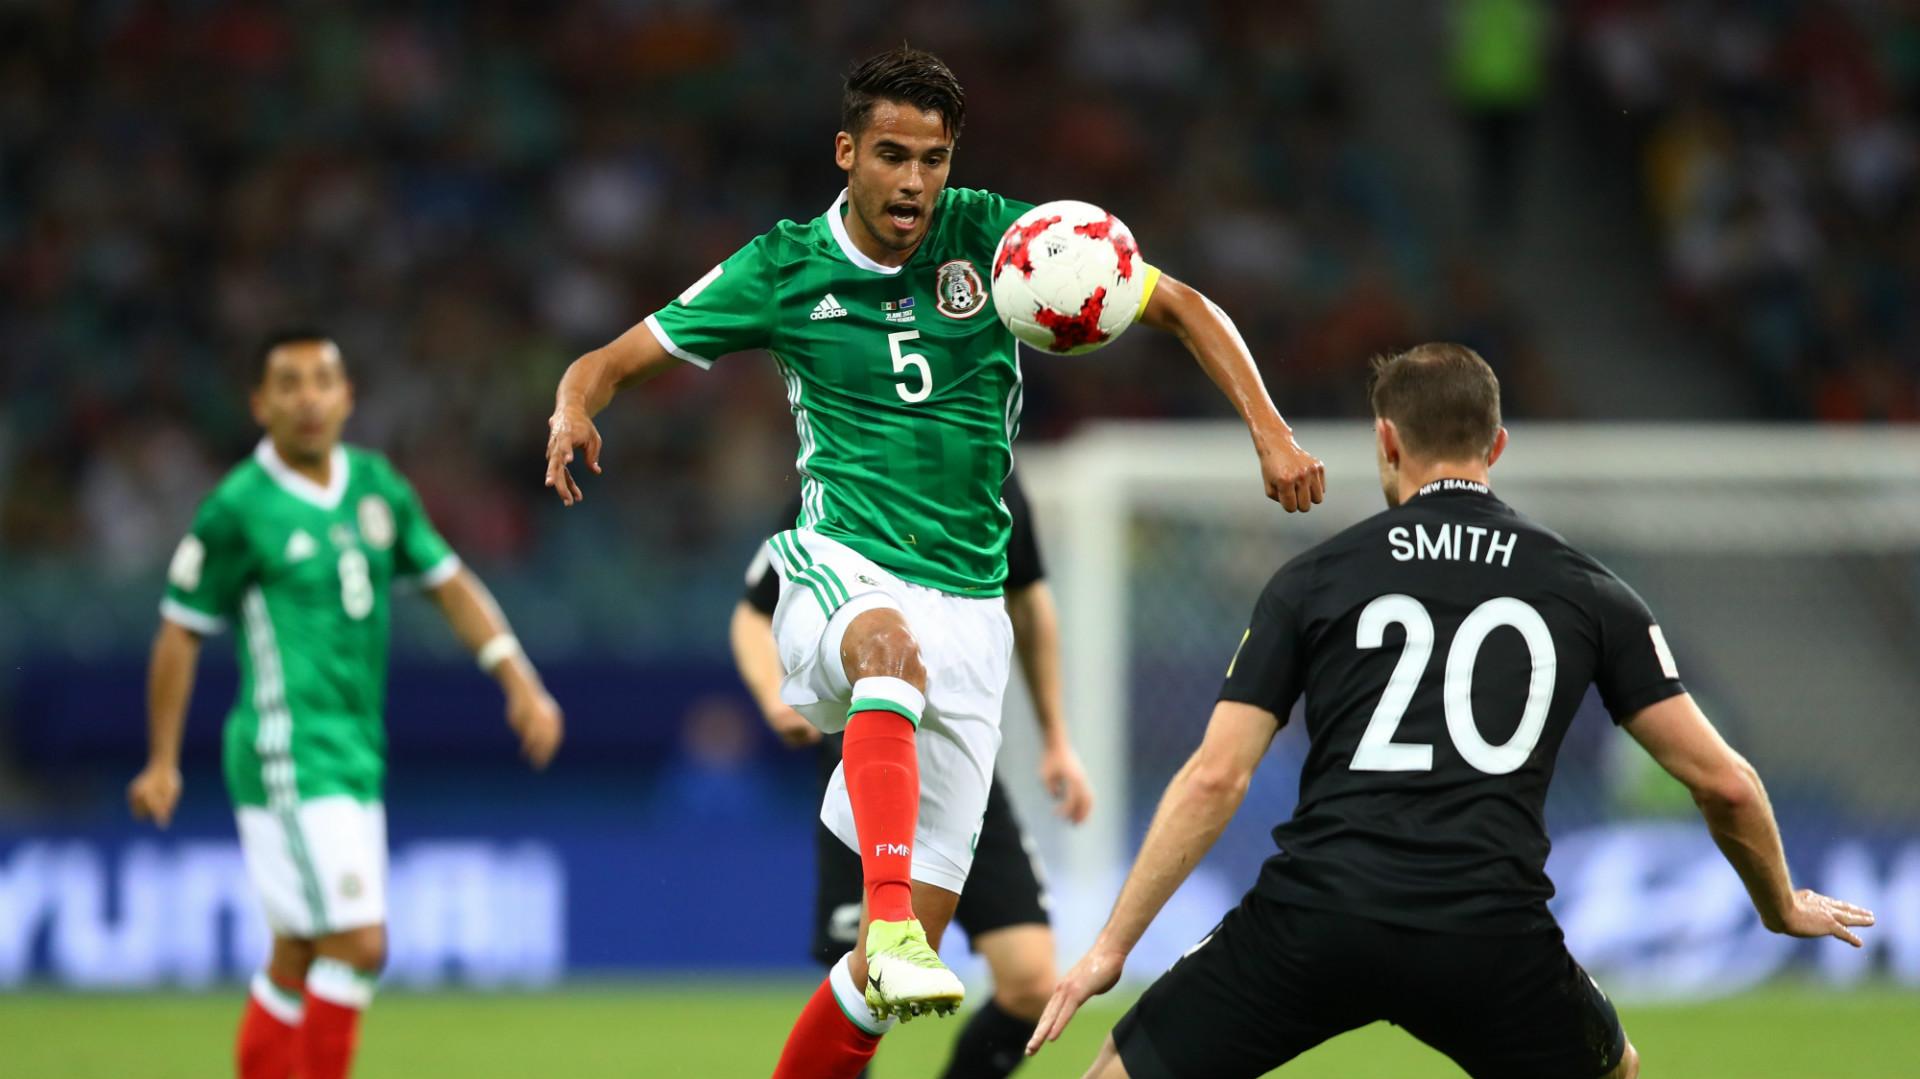 Diego Reyes Mexico Tommy Smith New Zealand